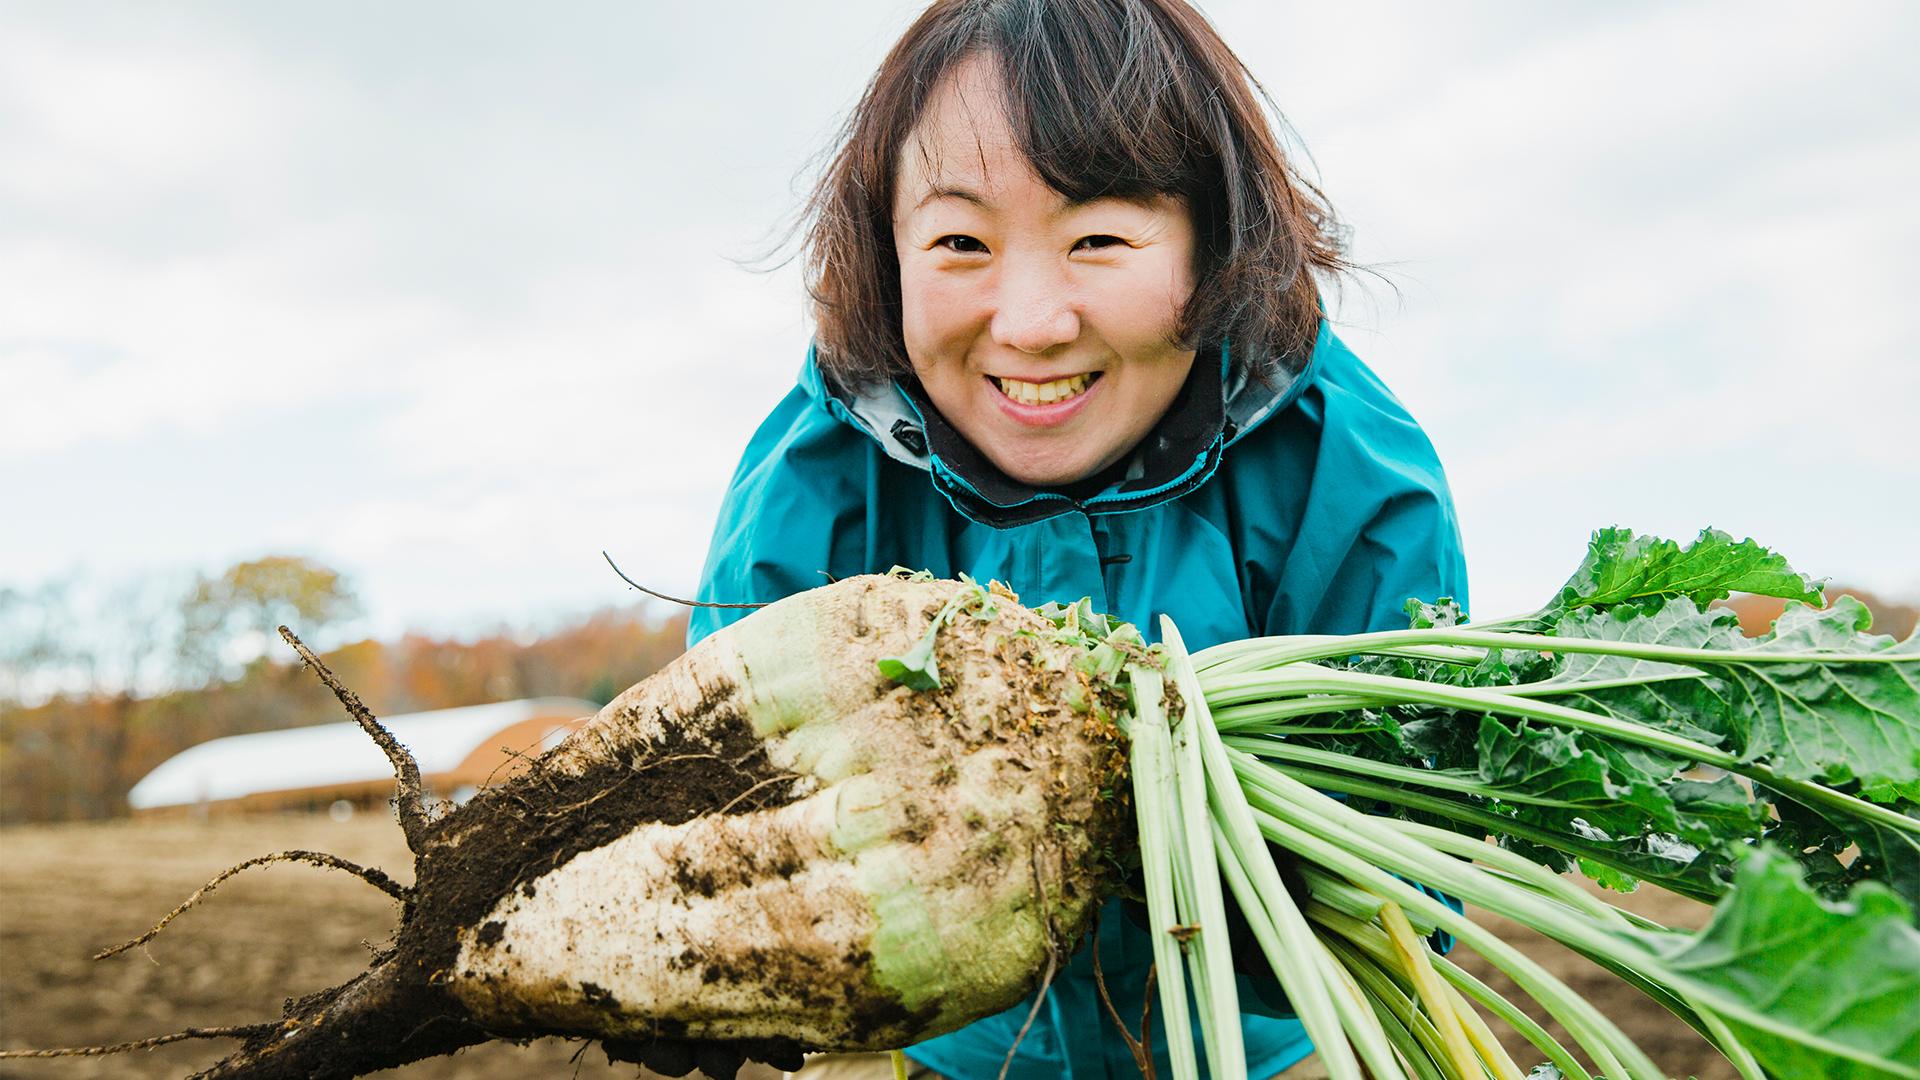 「てん菜を収穫してシロップを作ろう」を体験しました